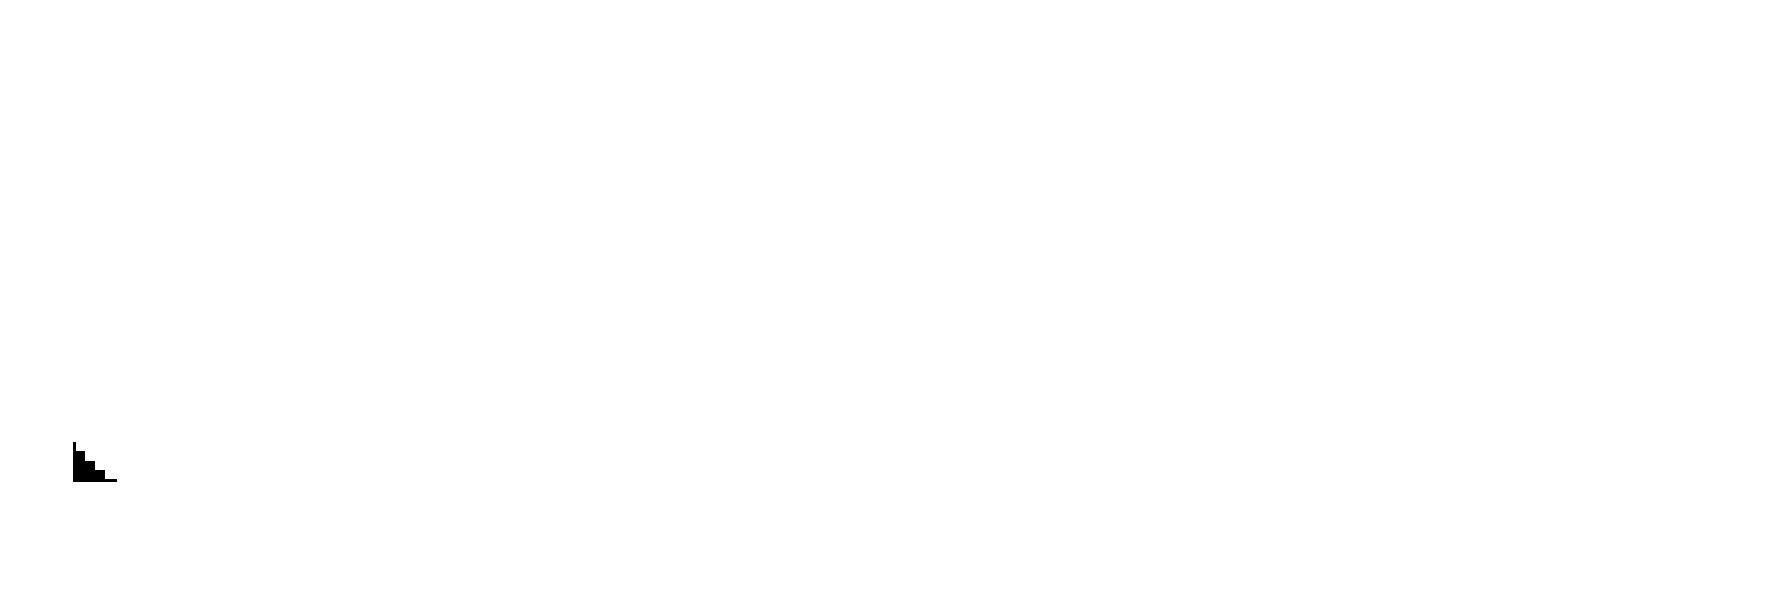 Birmingham City Council (white).png